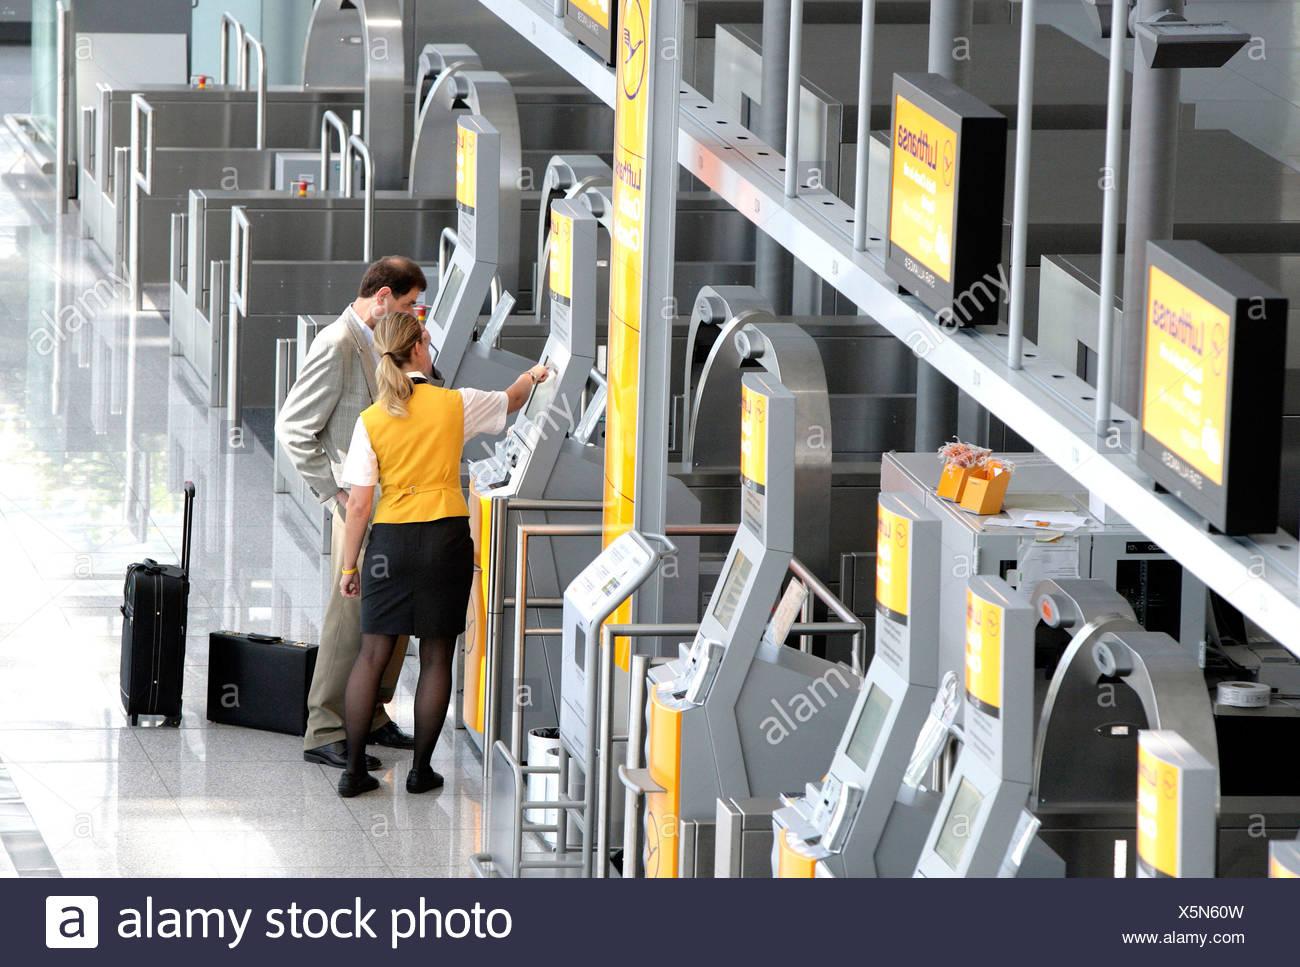 Lufthansa dipendente spiegando a un passeggero la Quick-Check-in-terminale della Lufthansa, il Terminal 2 dell'aeroporto di Monaco, Franz-Jose Immagini Stock